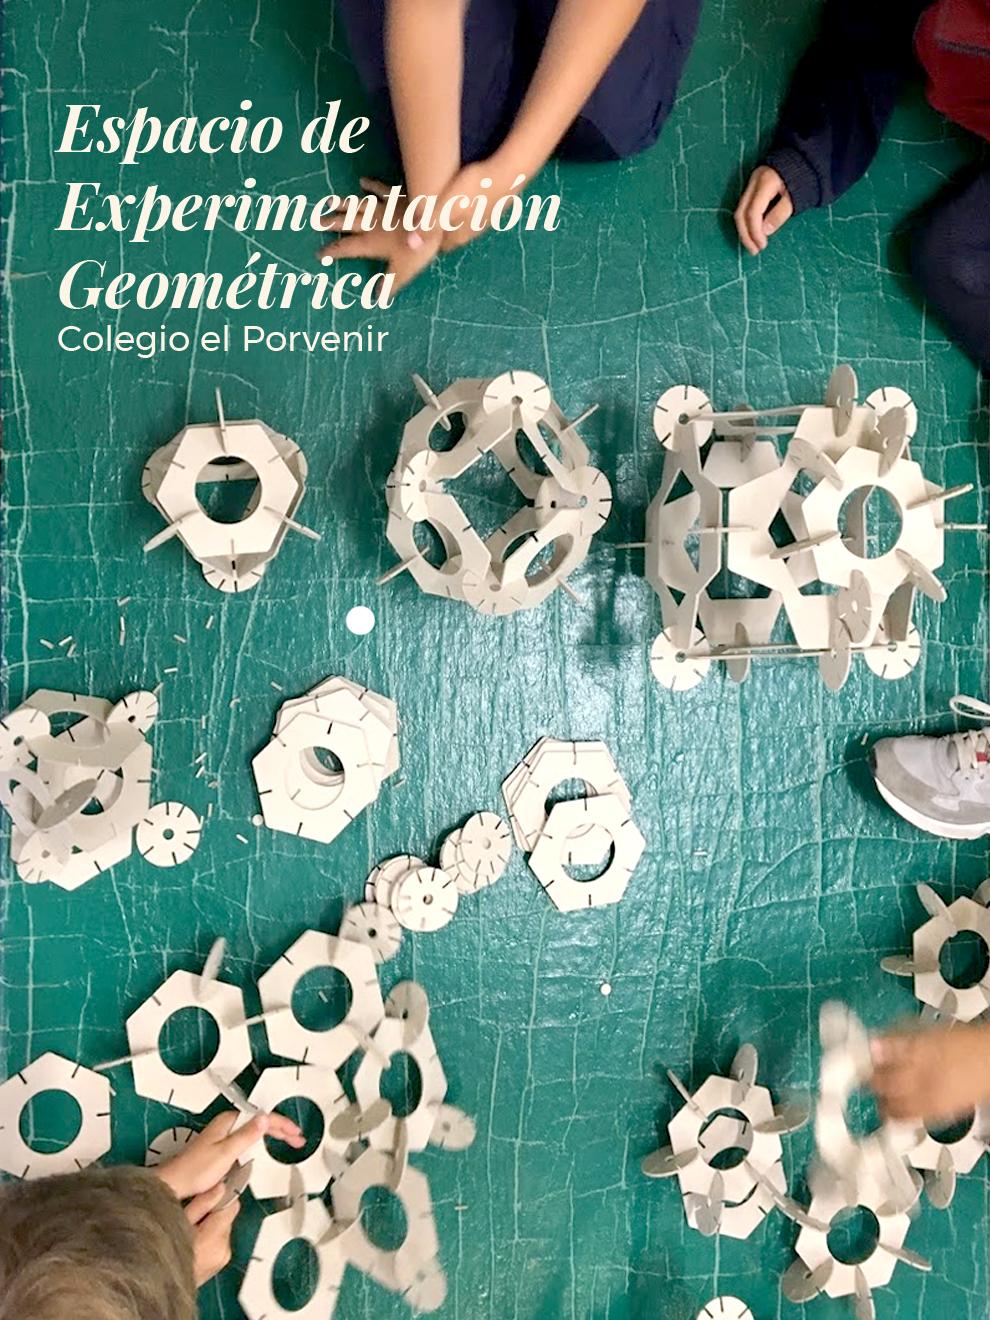 Espacio de experimentación Geométrica. El Porvenir